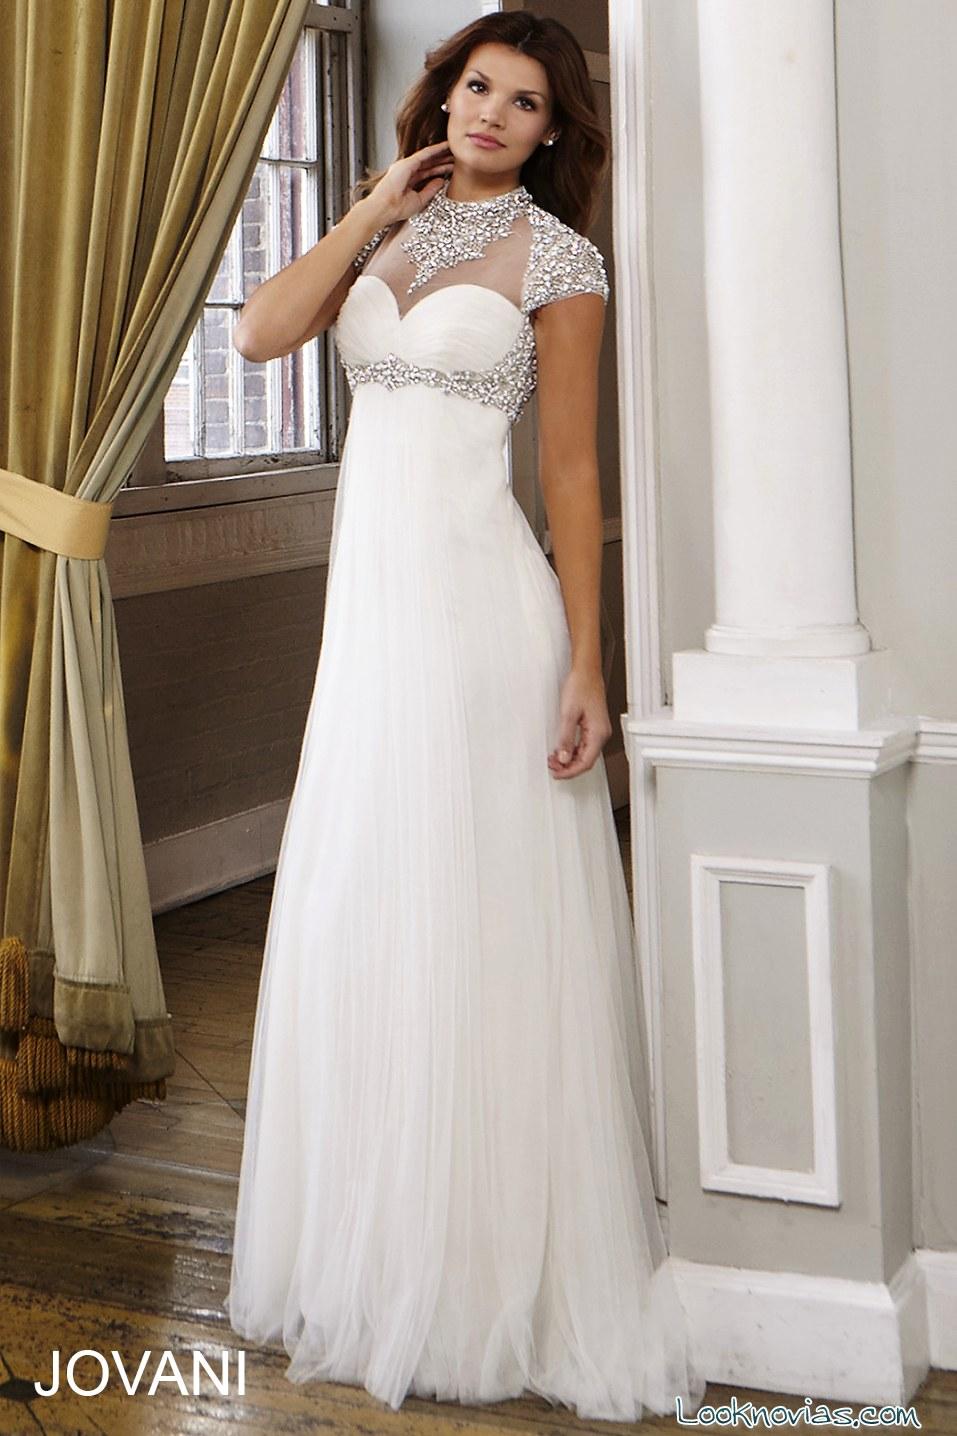 vestidos de novia jovani vestidos de novia jovani vestidos de Quotes